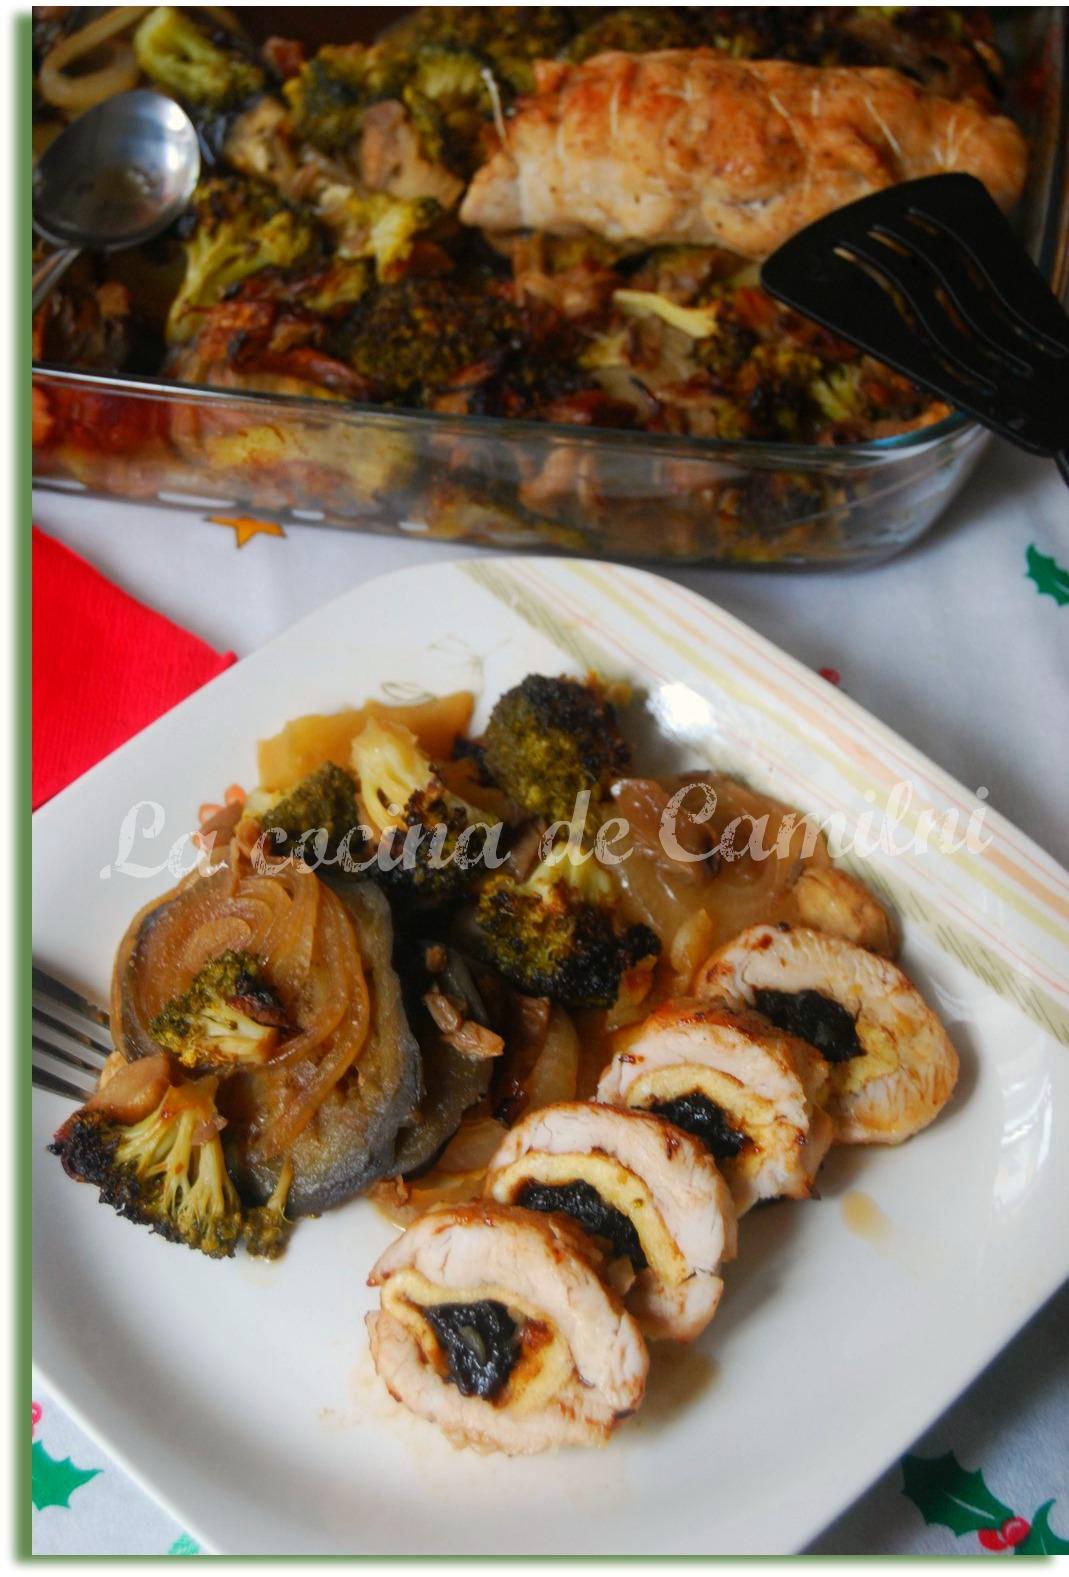 La cocina de camilni pechuga de pavo rellena con verduras al horno - Cocina al horno ...